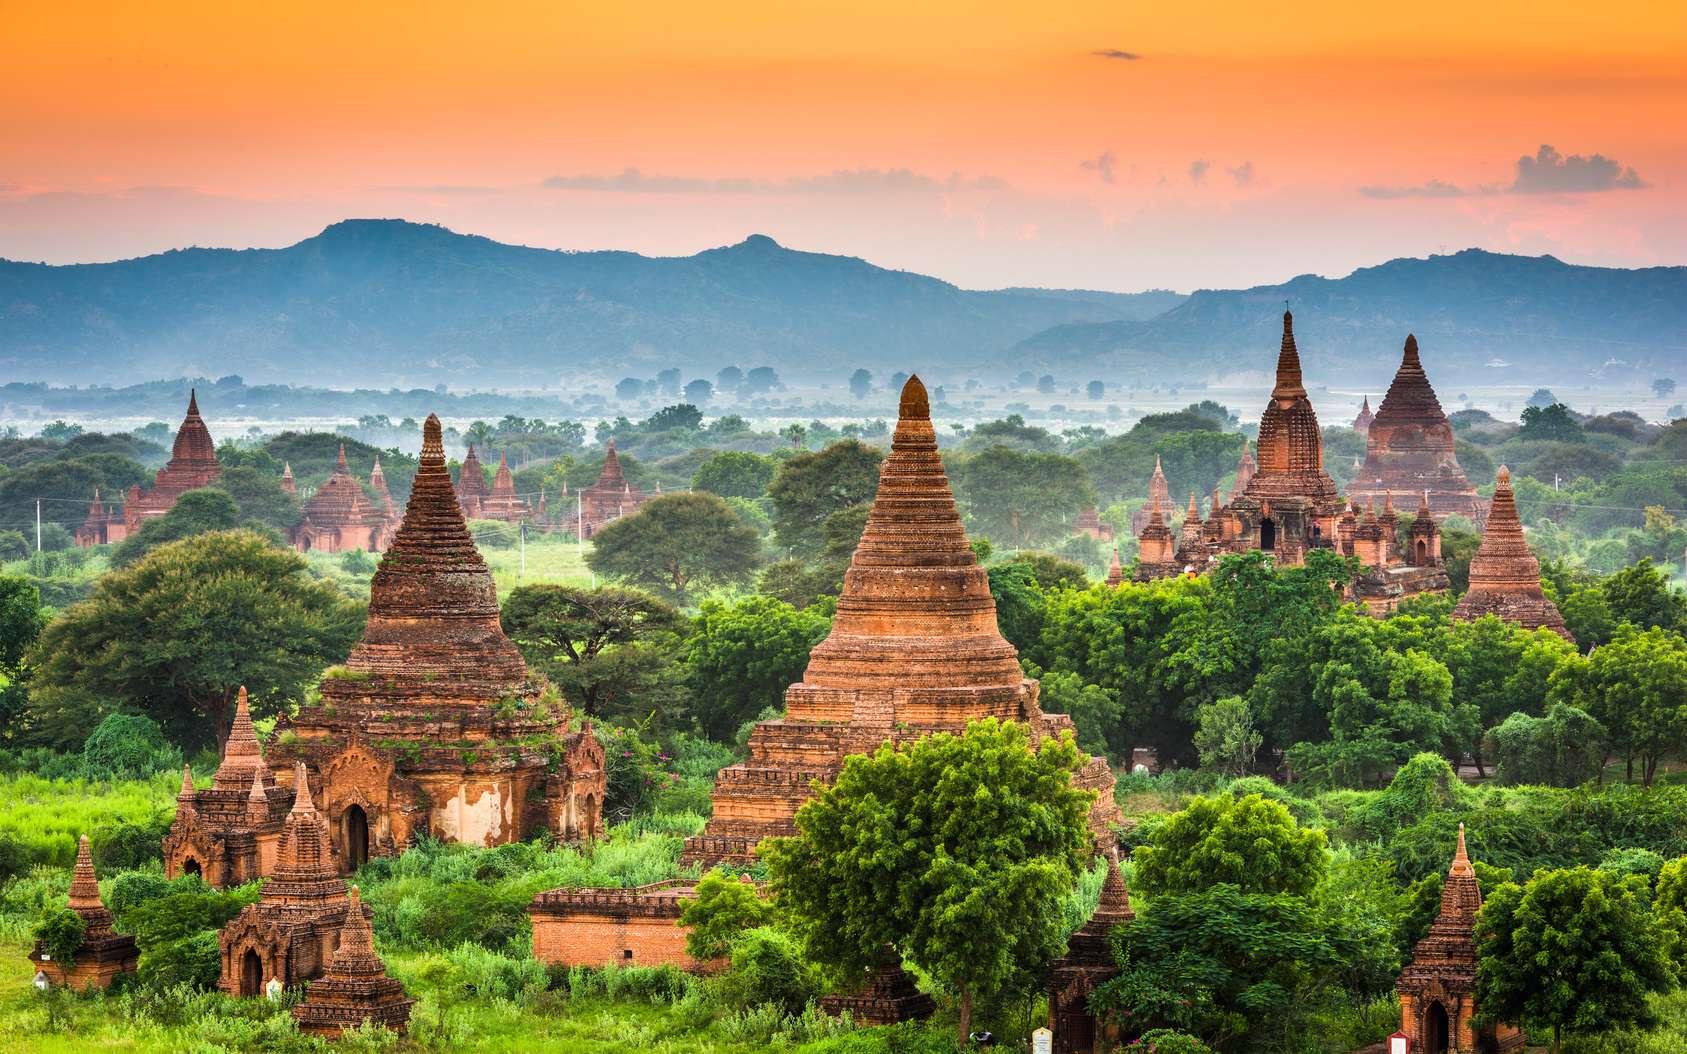 Le temple de l'Ananda, à Bagan, en Birmanie, est l'une des premières sauvegardes numériques réalisées dans le cadre du projet Open Heritage. © SeanPavonePhoto, Fotolia